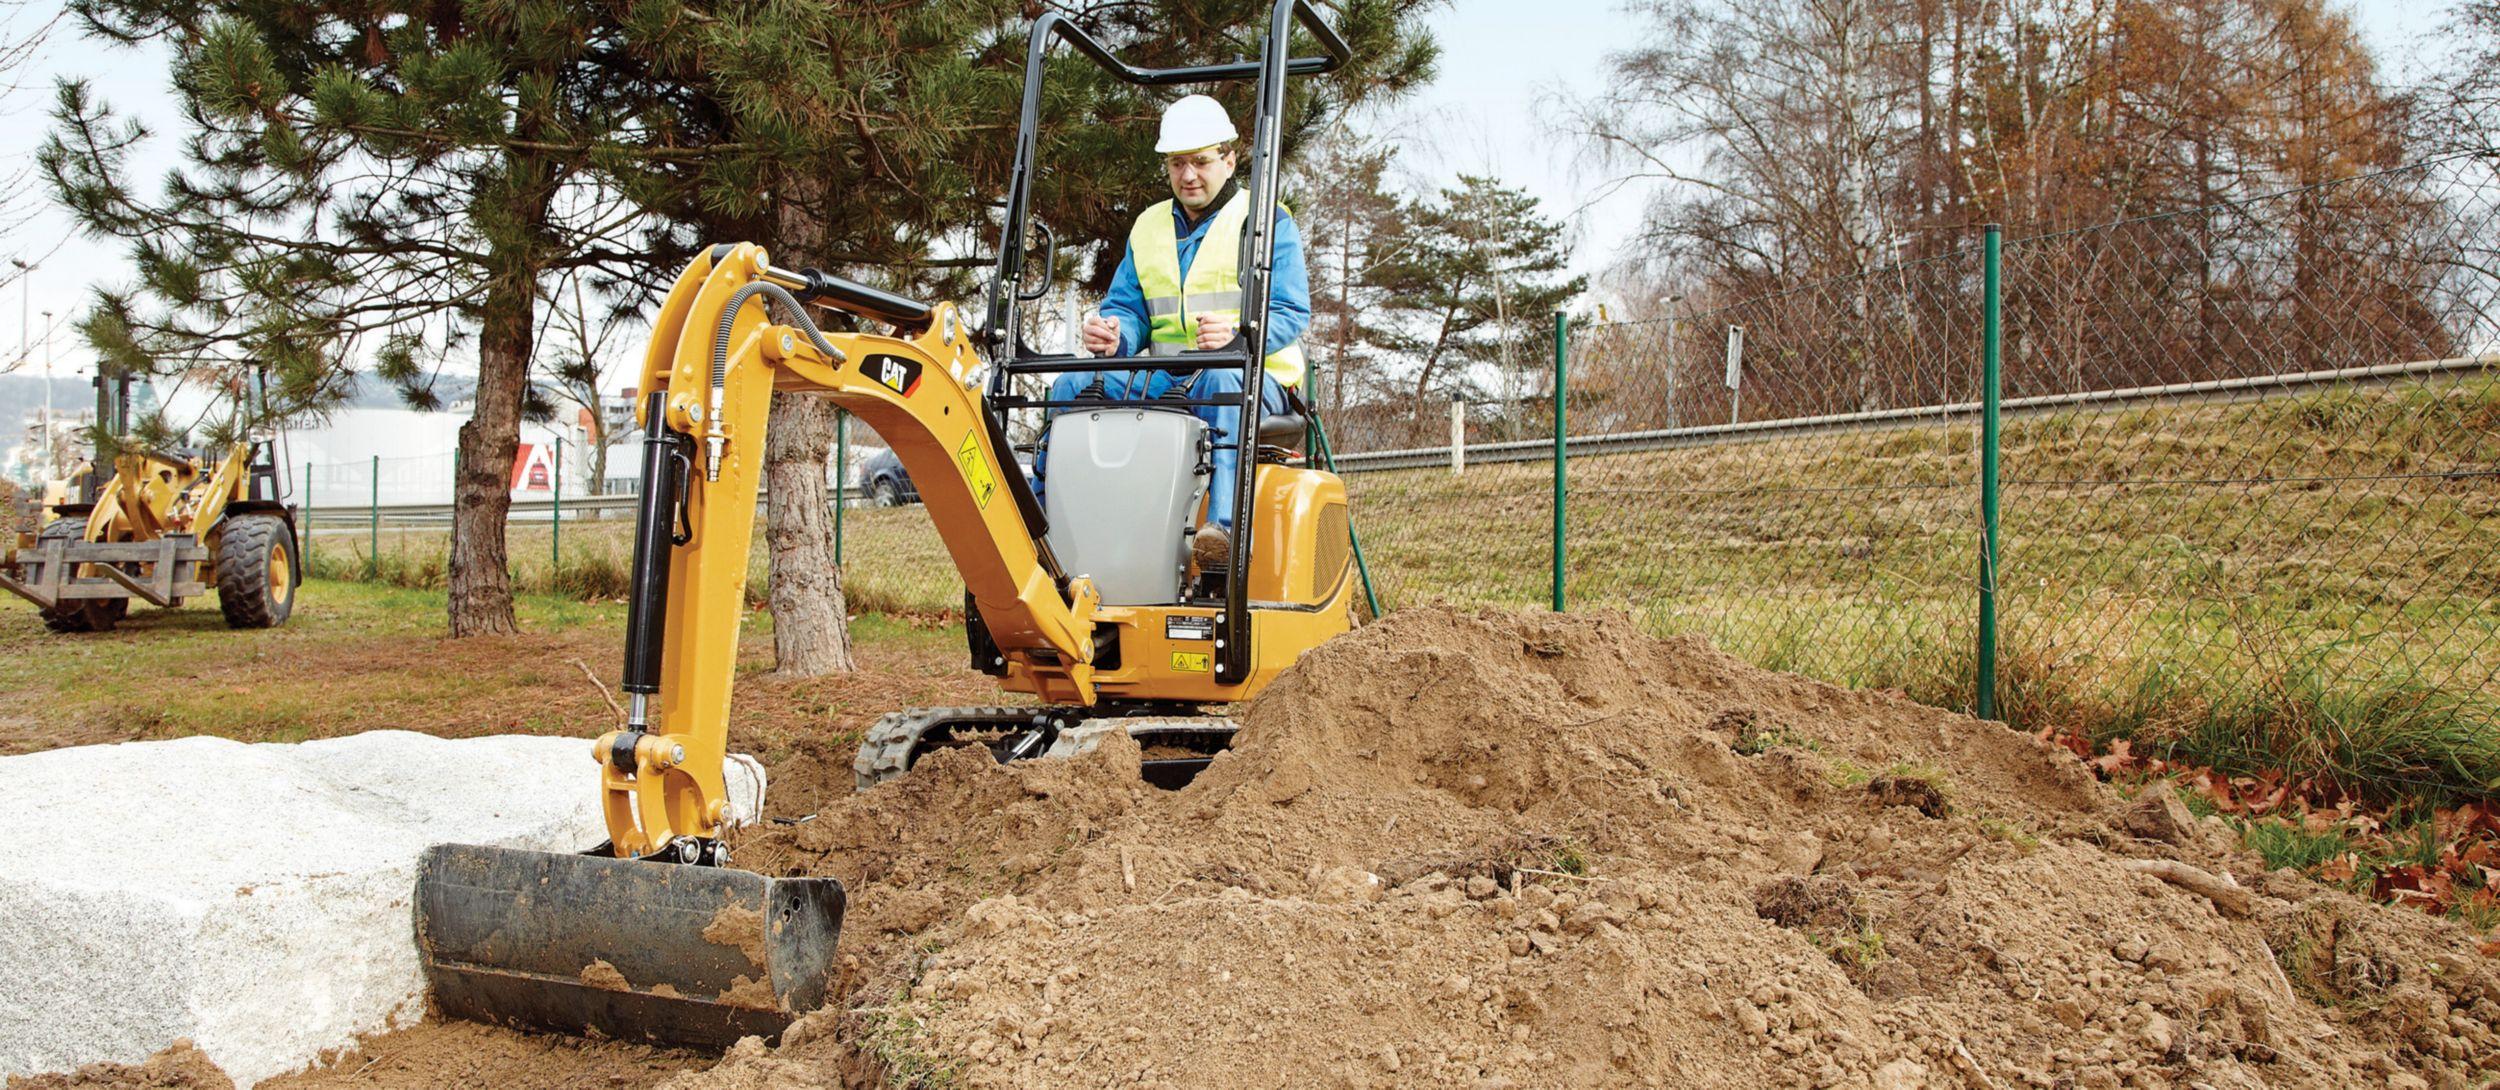 New Cat Cat 300 9d Mini Hydraulic Excavator For Sale